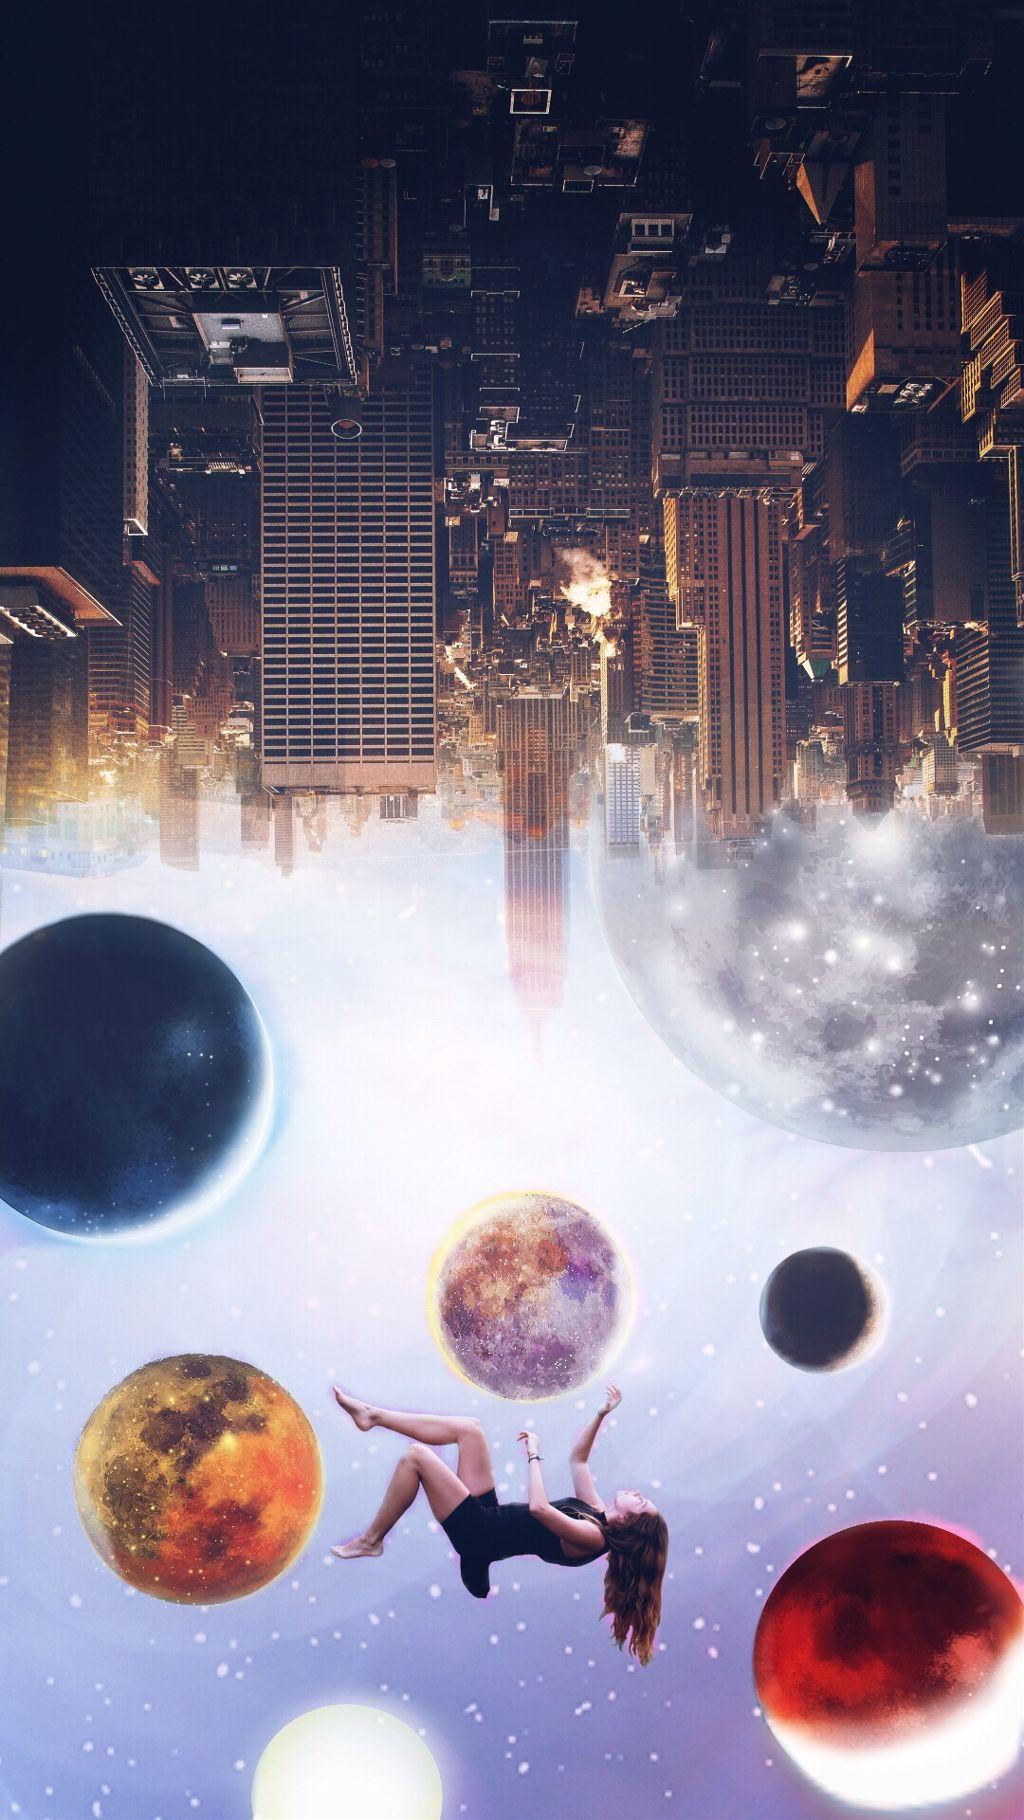 #dreamscape